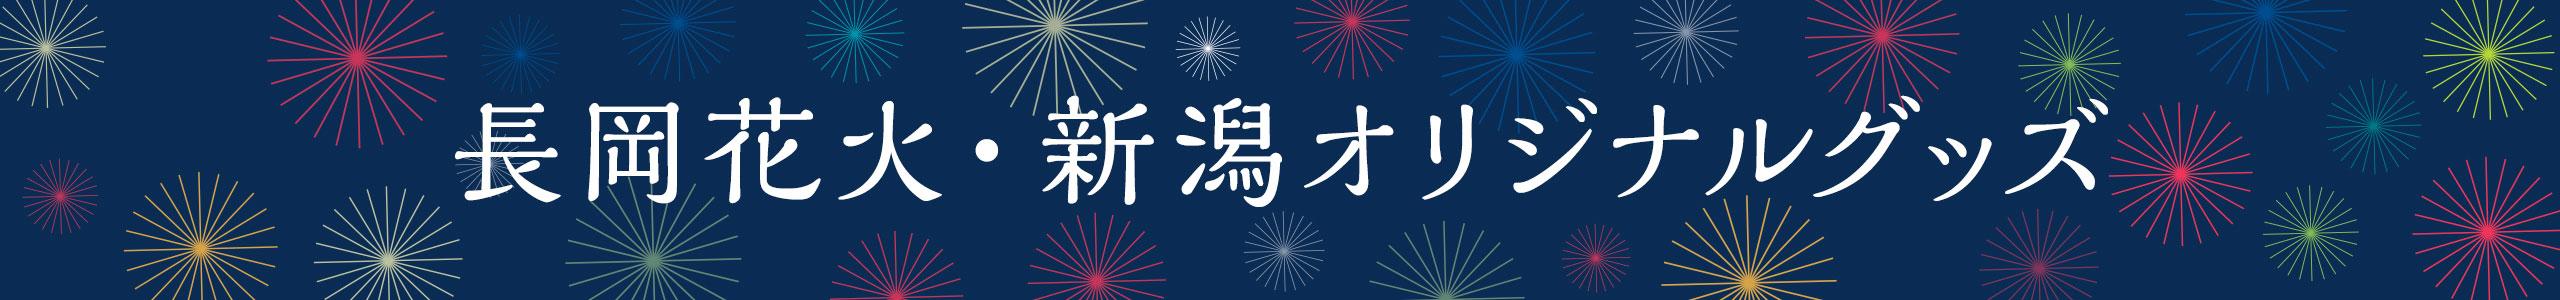 長岡花火・新潟オリジナルグッズ